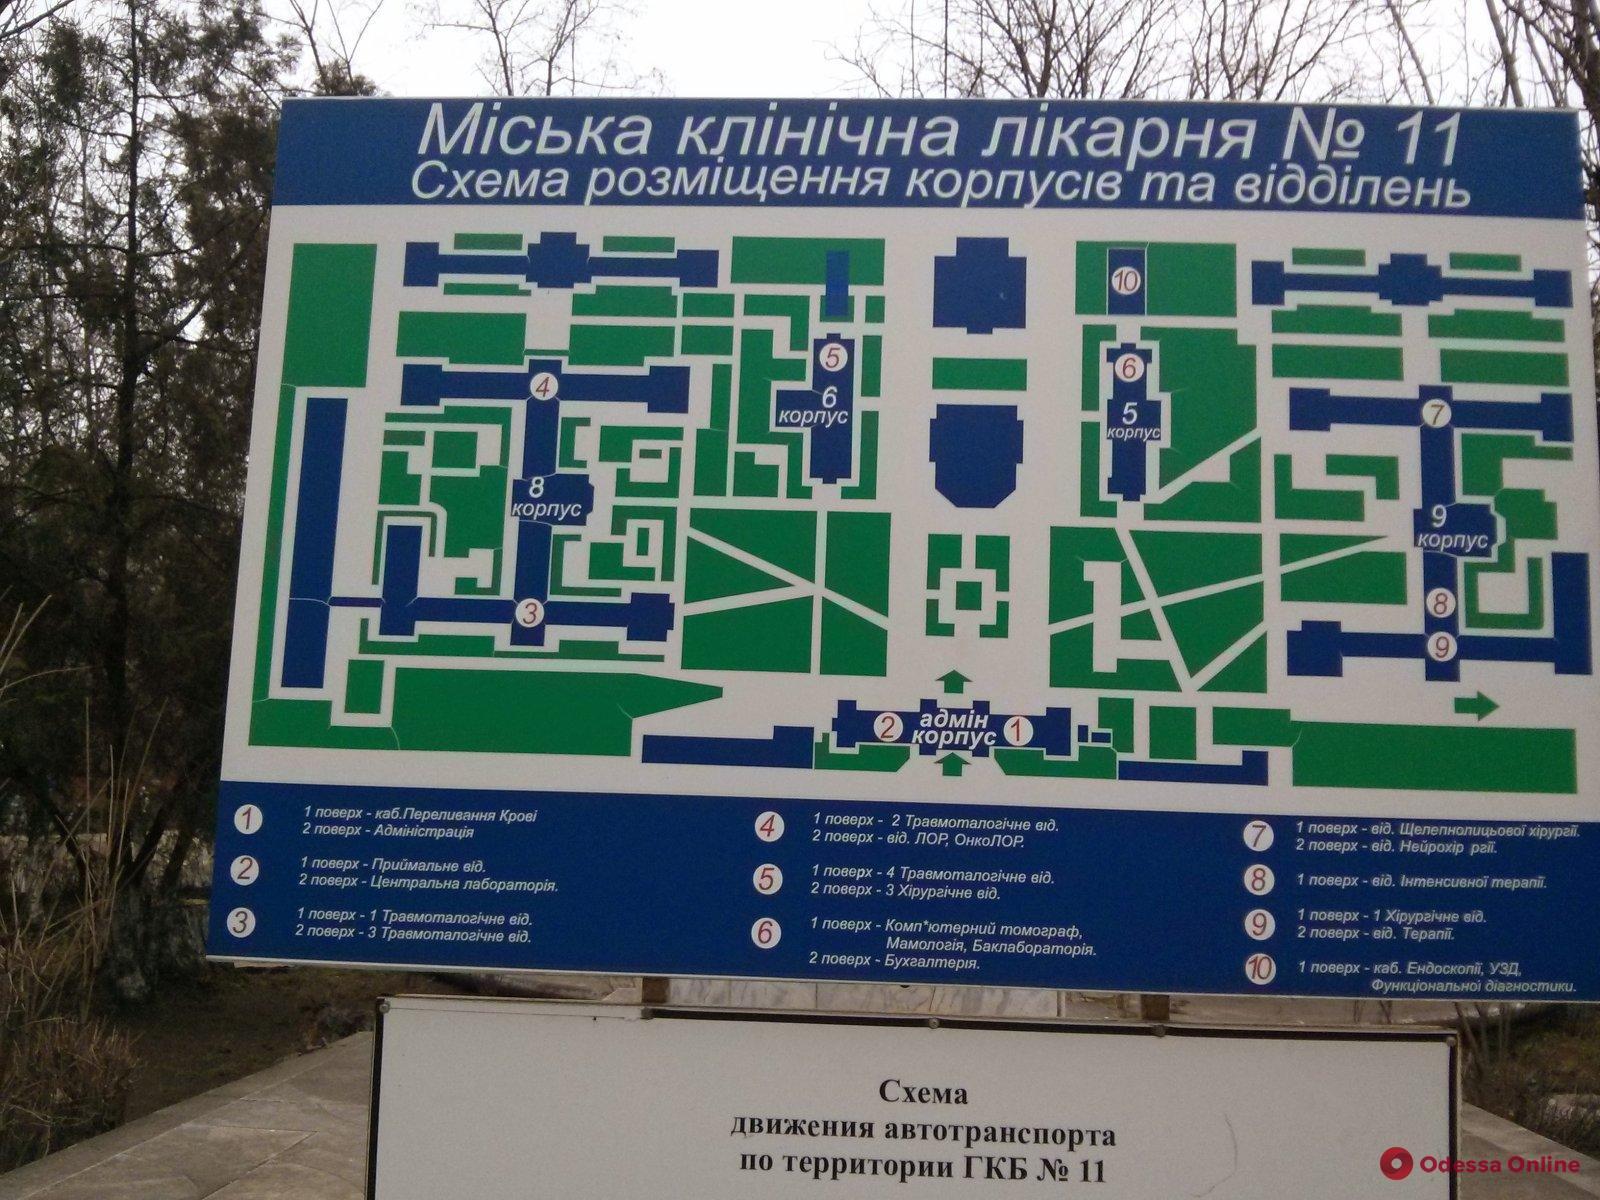 Одесса: в горбольнице №11 планируют открыть приемное отделение для бомжей